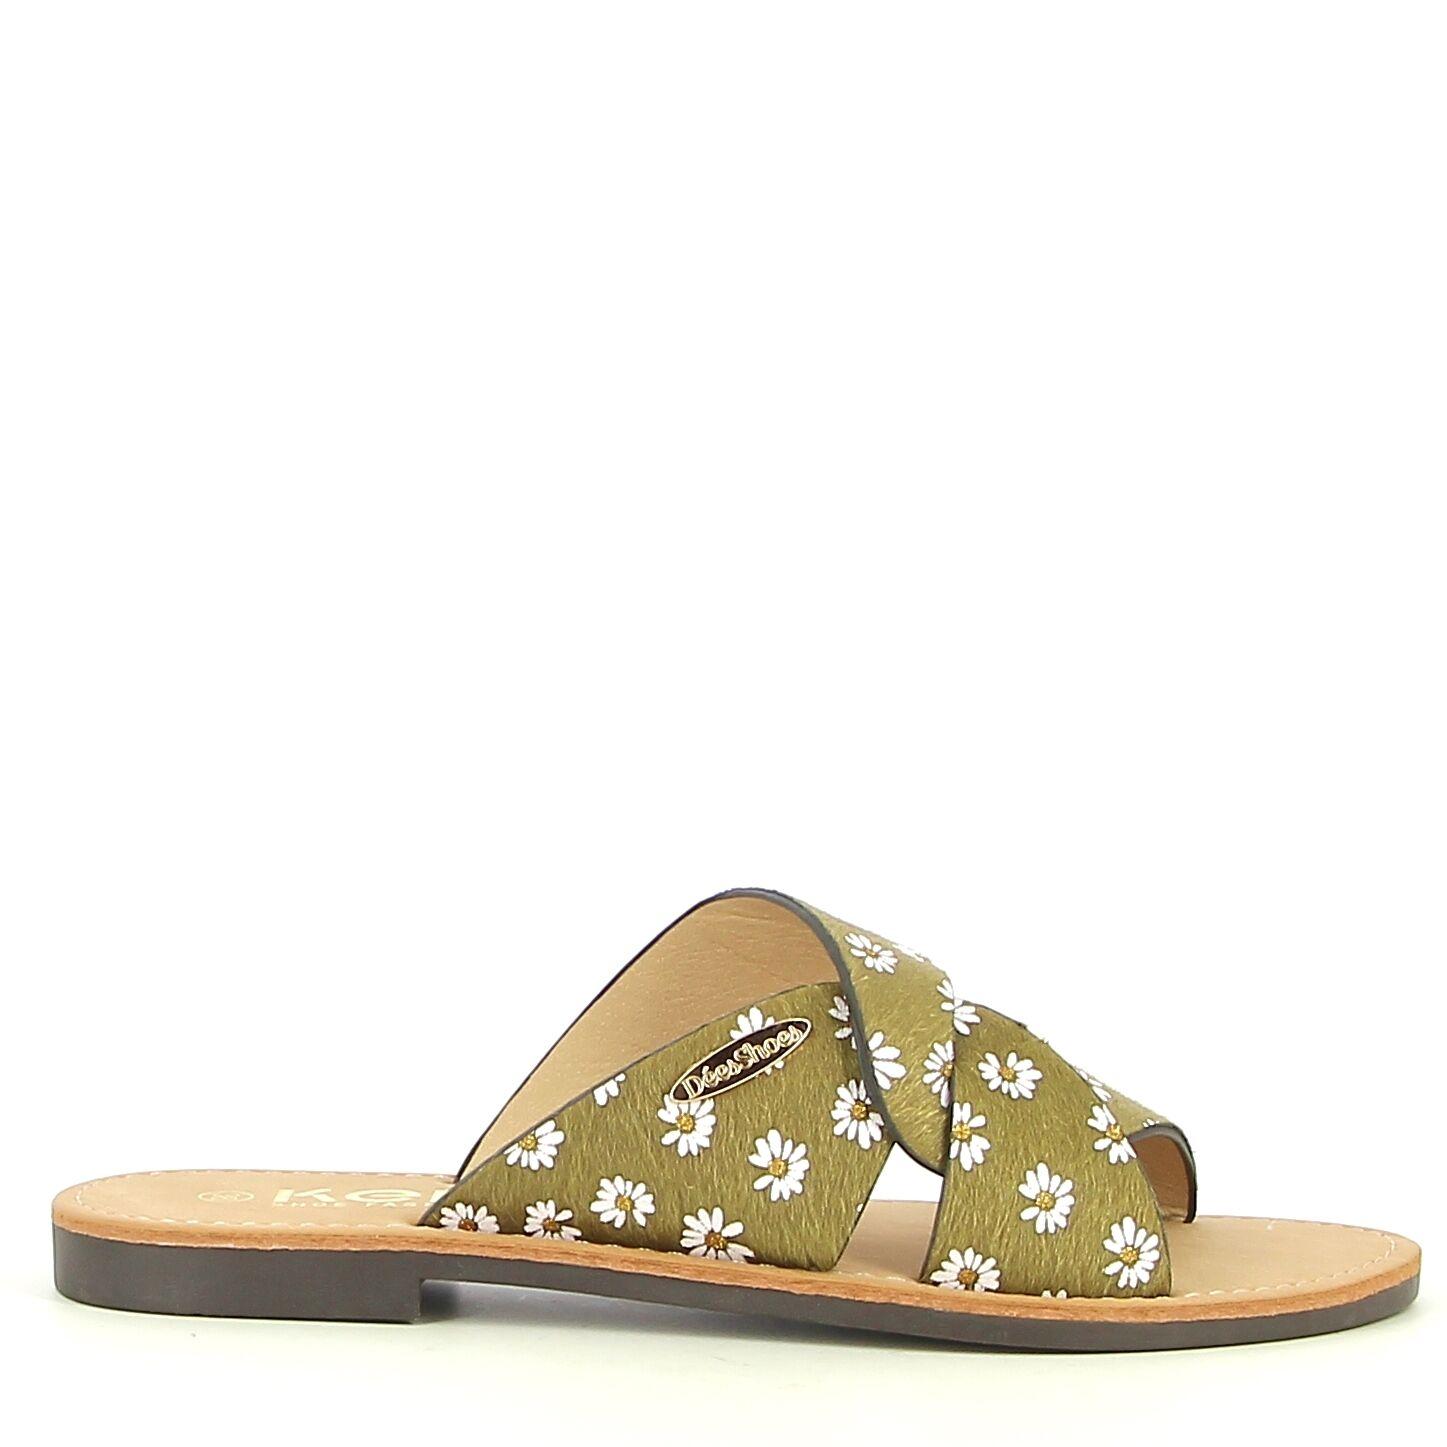 Ken Shoe Fashion - Kaki/Bloemenmotief - Slippers